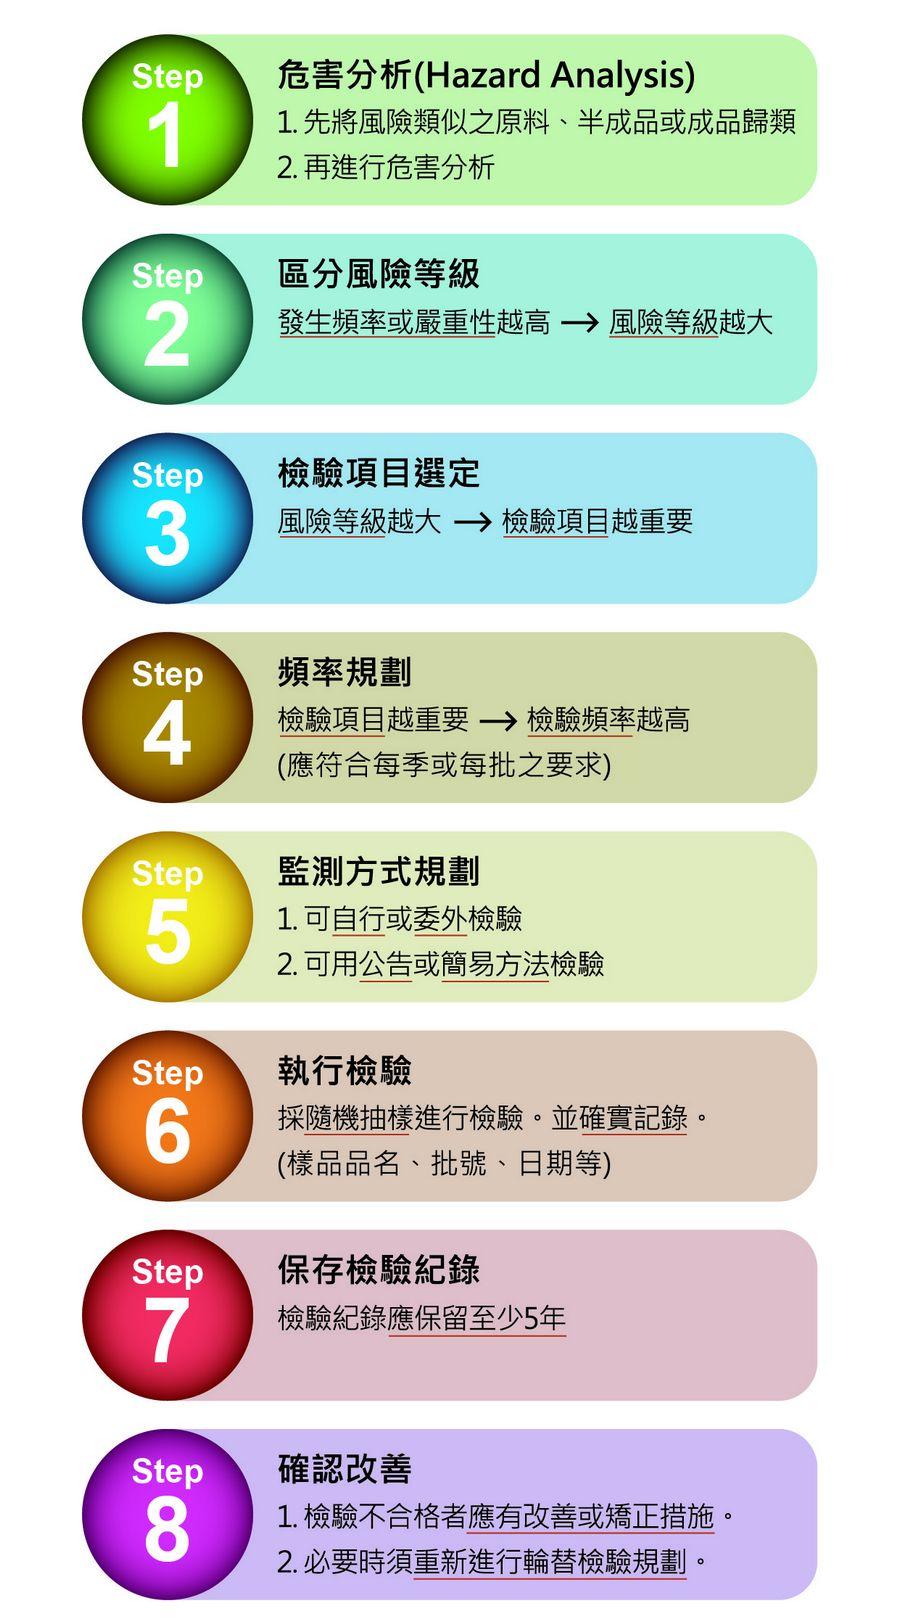 食品強制檢驗八步驟